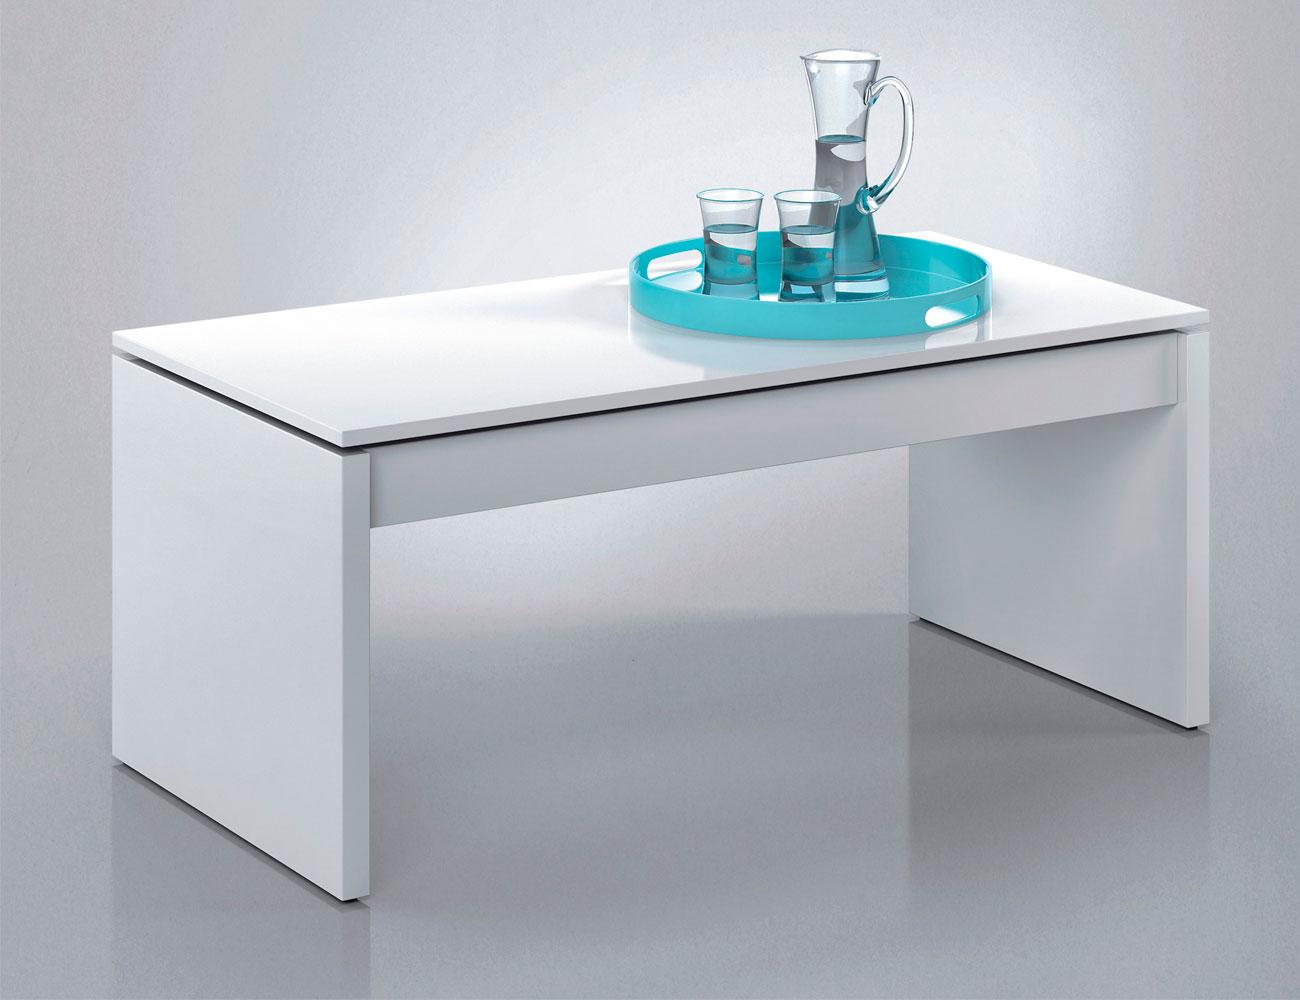 Mesa centro elevable blanco barata 1